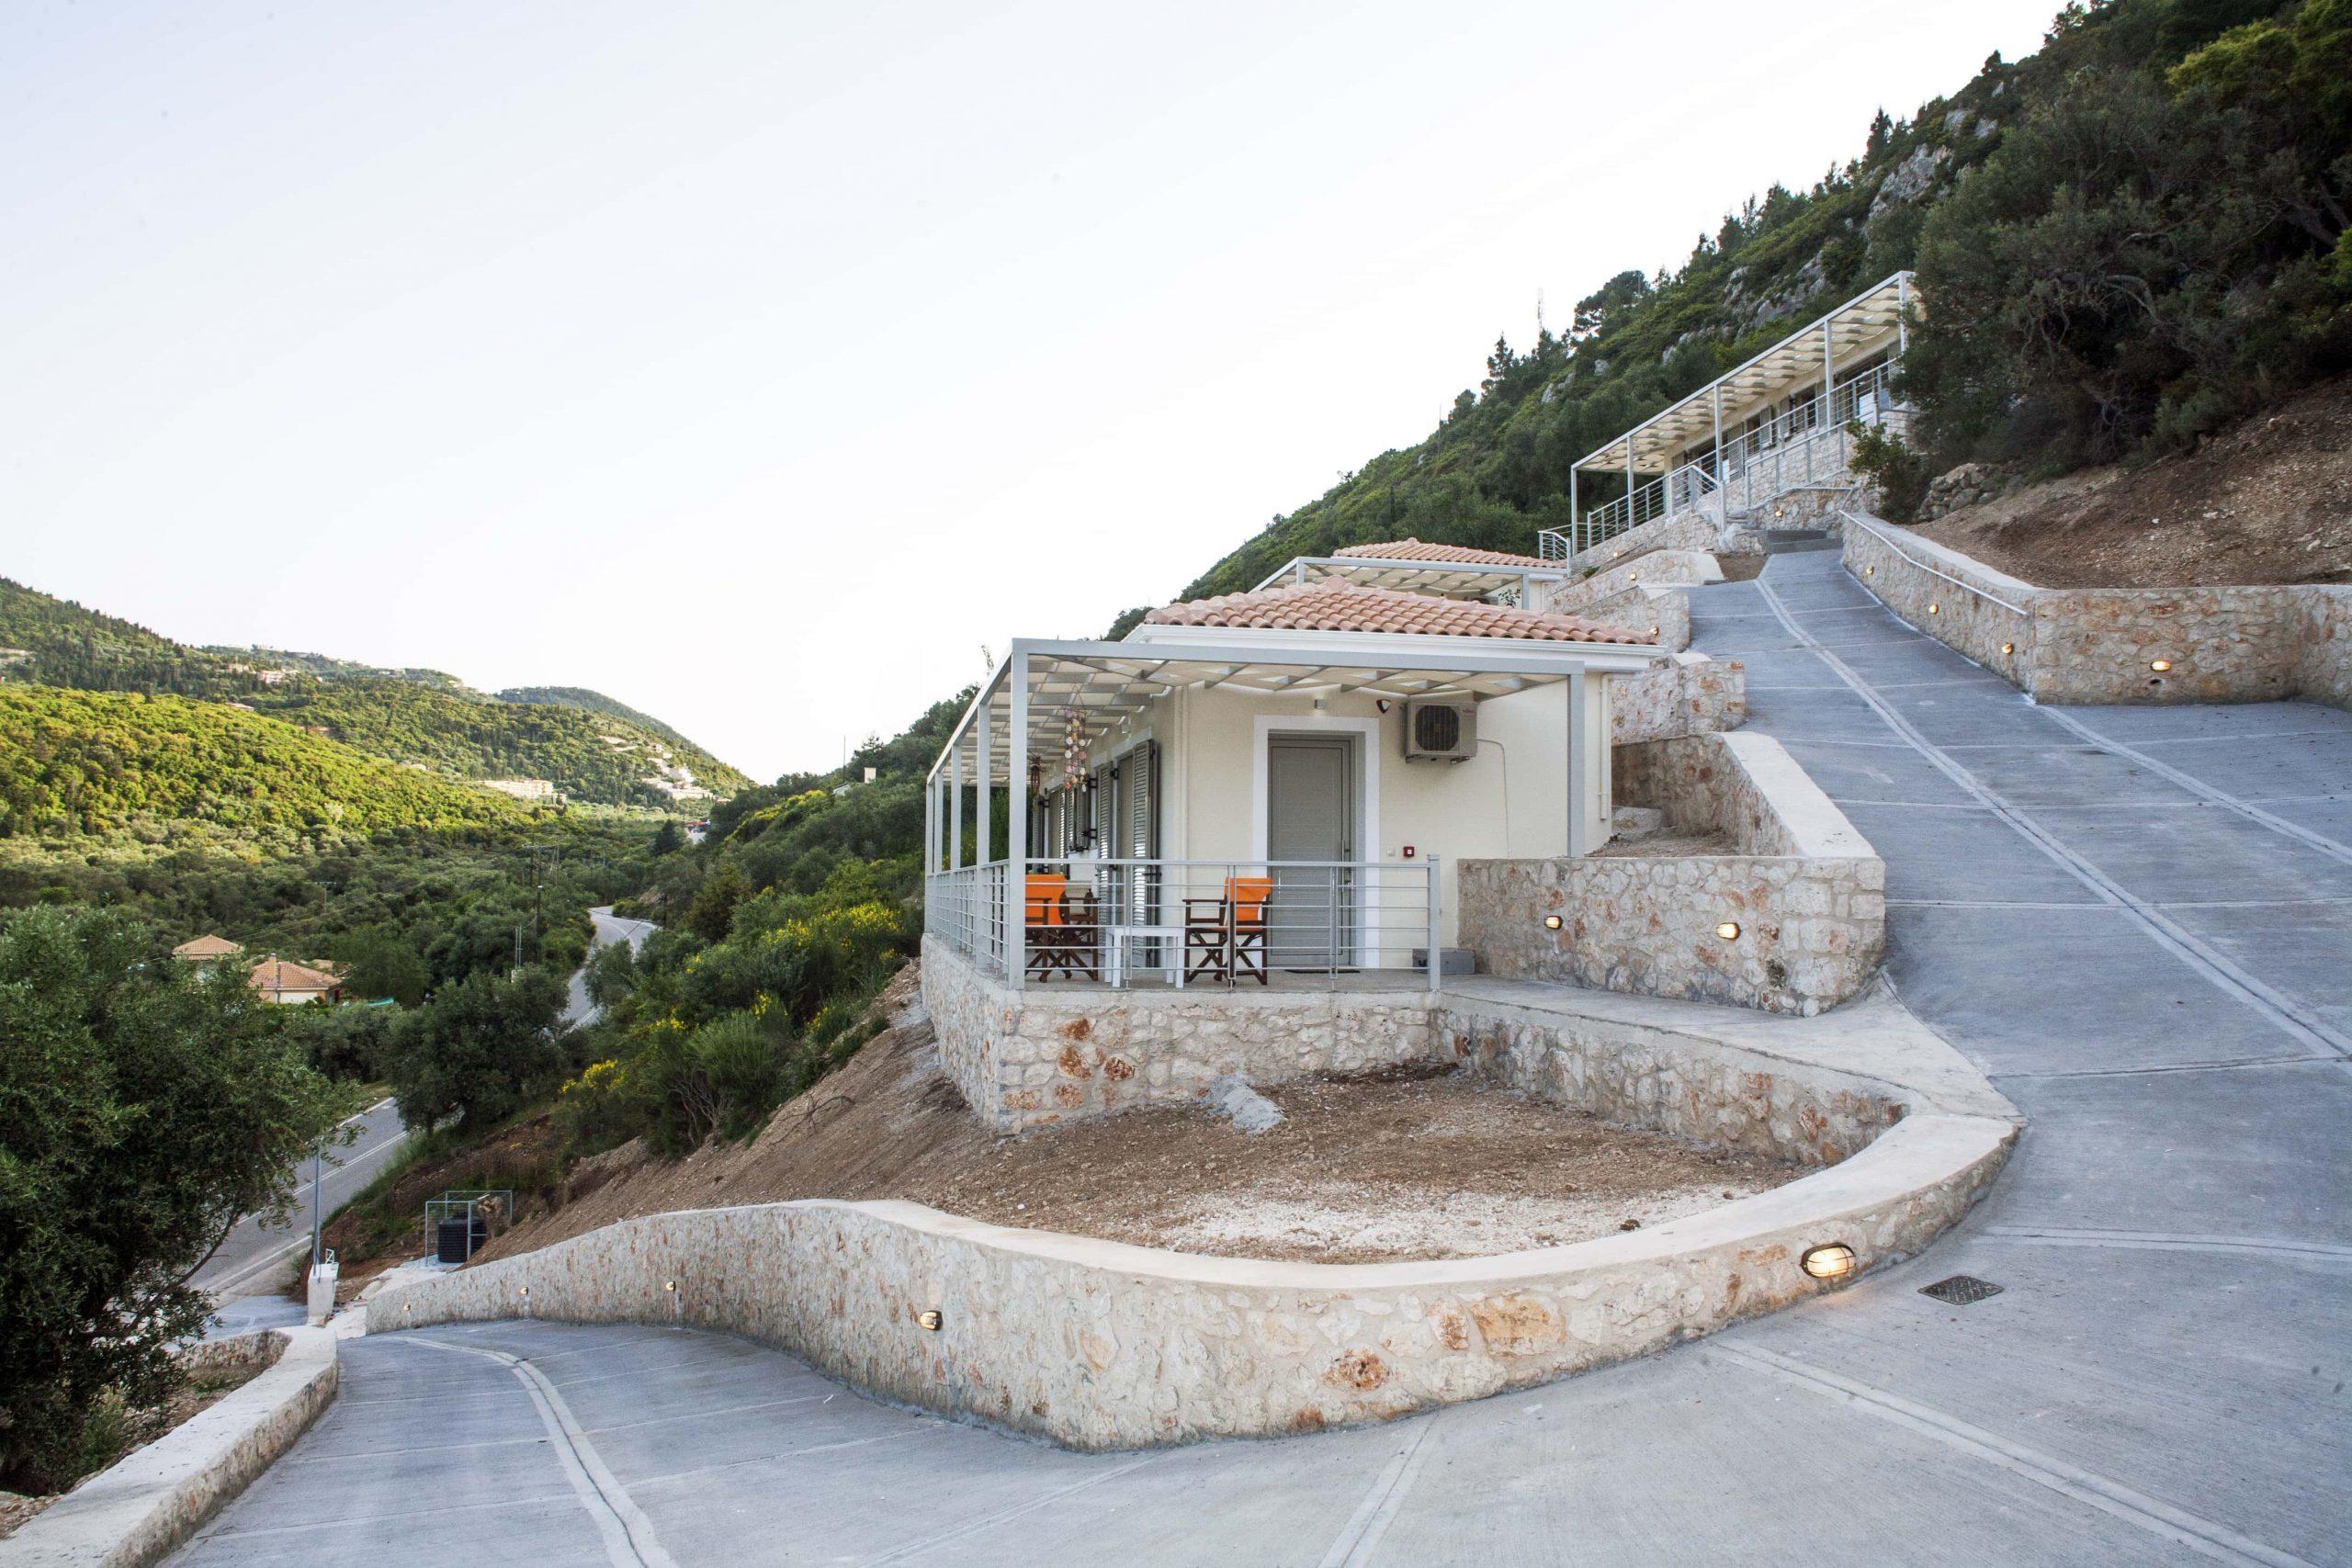 Arcons Touristikes Katoikies Agios Nikhtas Lefkadas 1